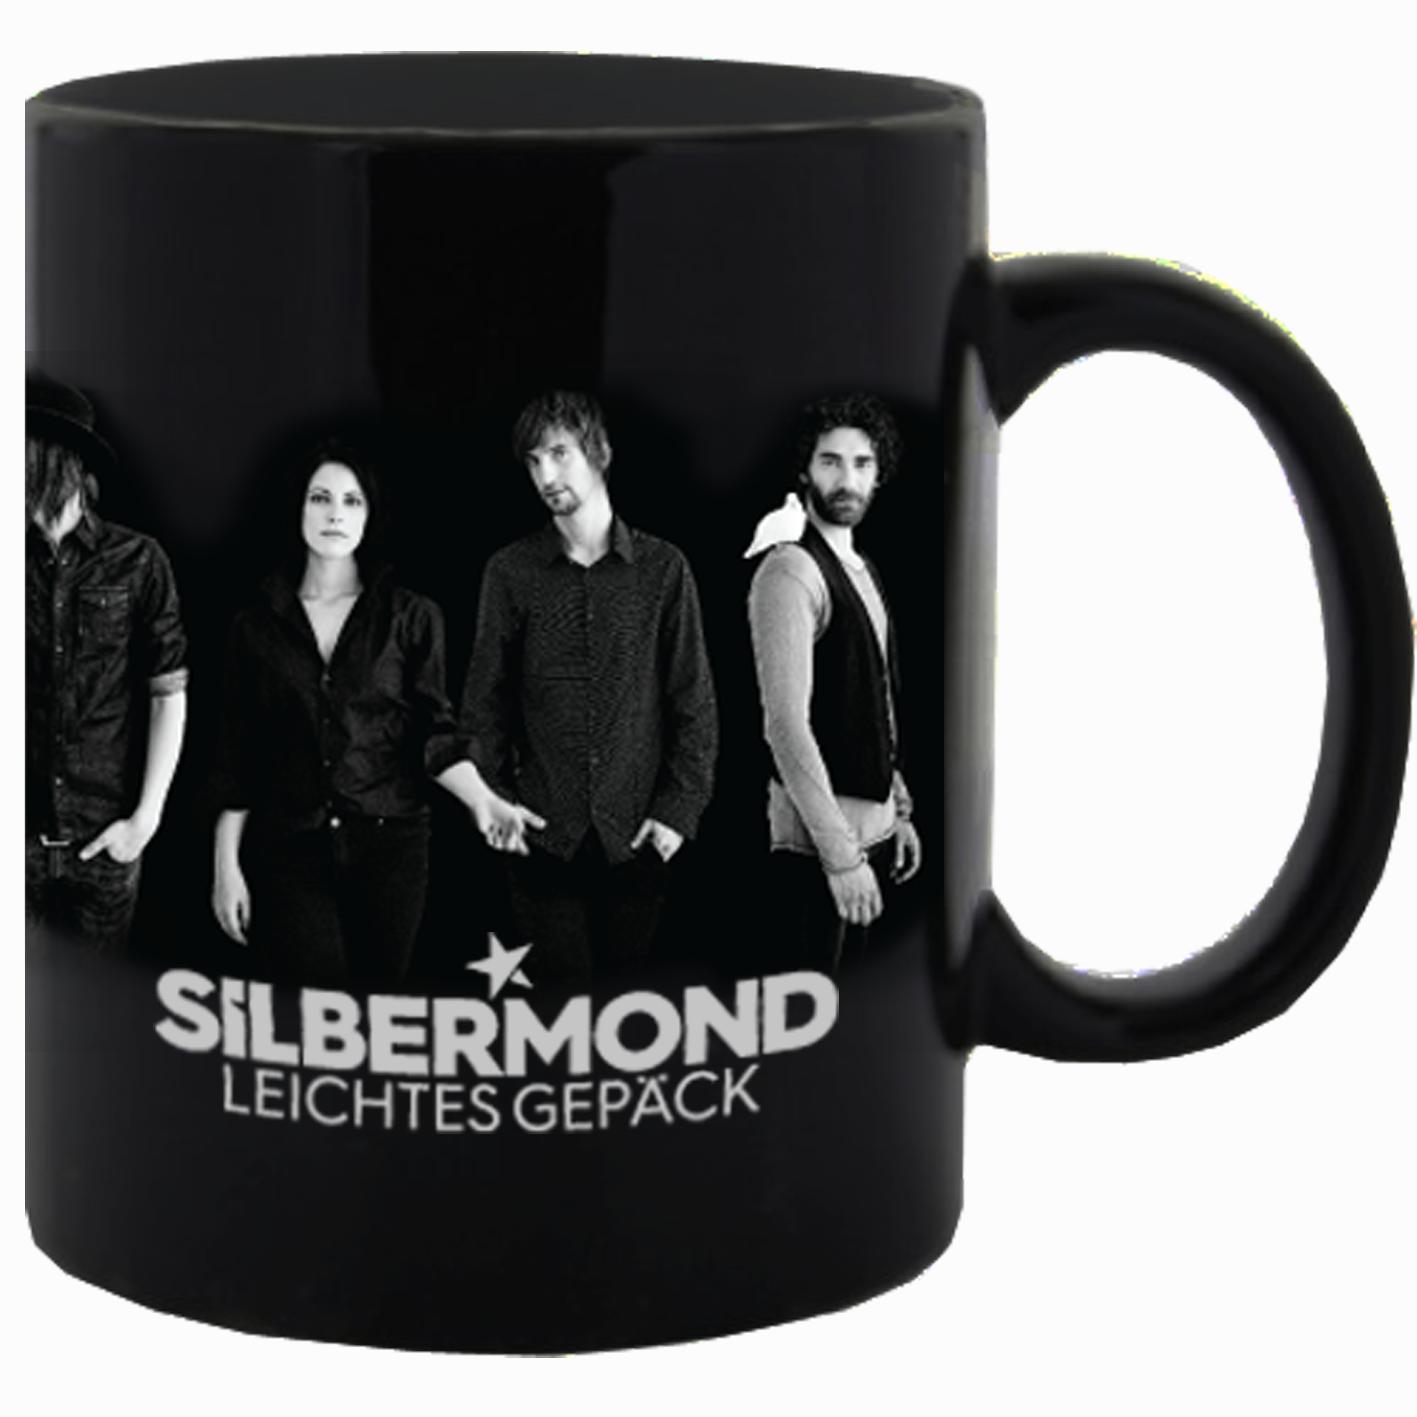 Silbermond Foto Tasse Tasse schwarz